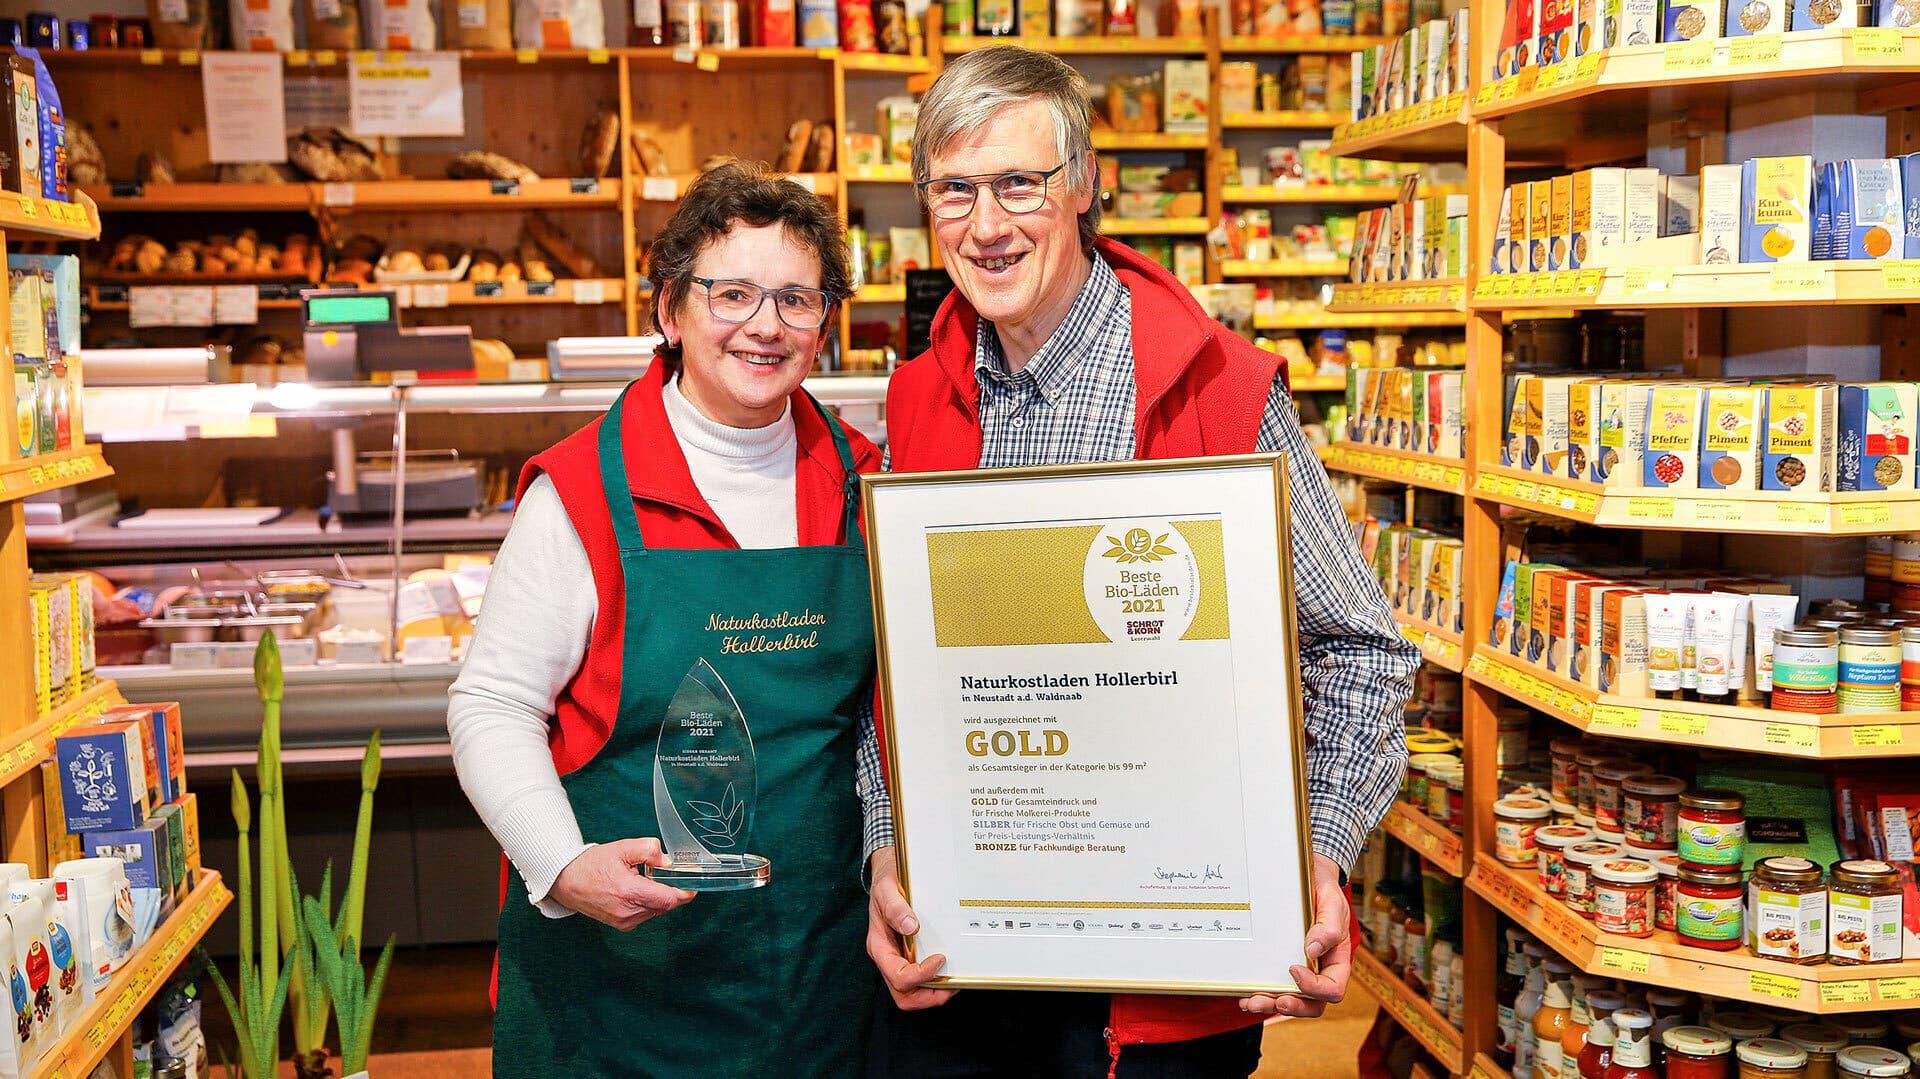 Das Ehepaar Baeck mit der Auszeichnung